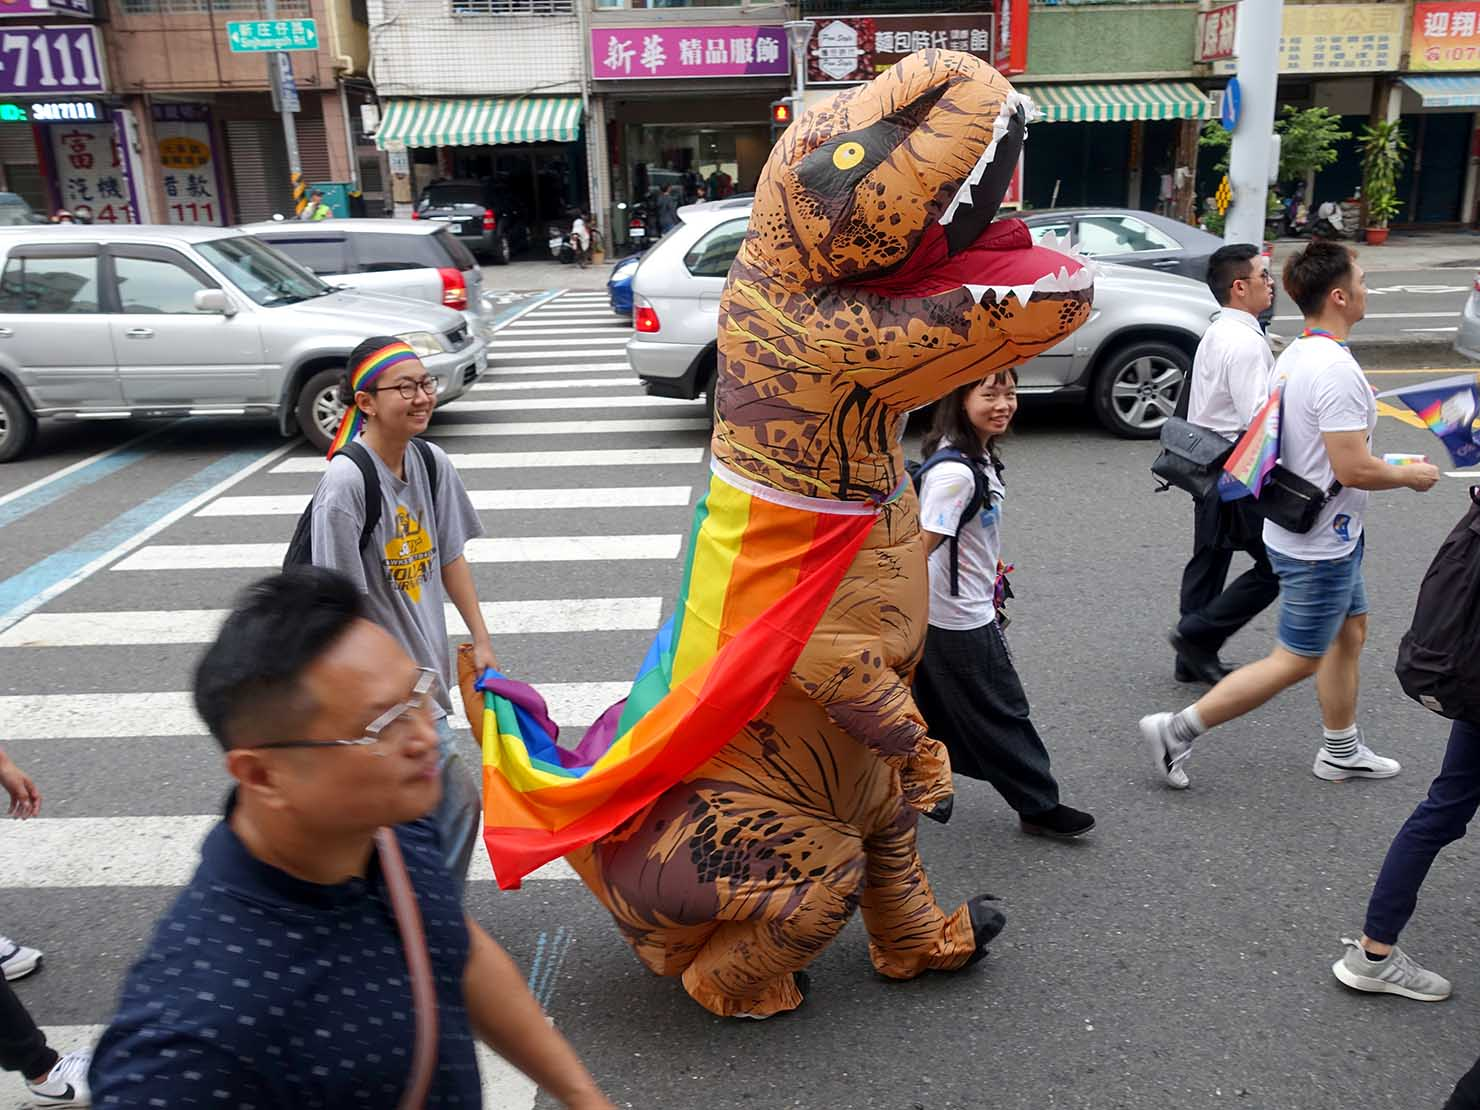 高雄同志大遊行(高雄プライド)2018パレードを恐竜姿で歩く参加者